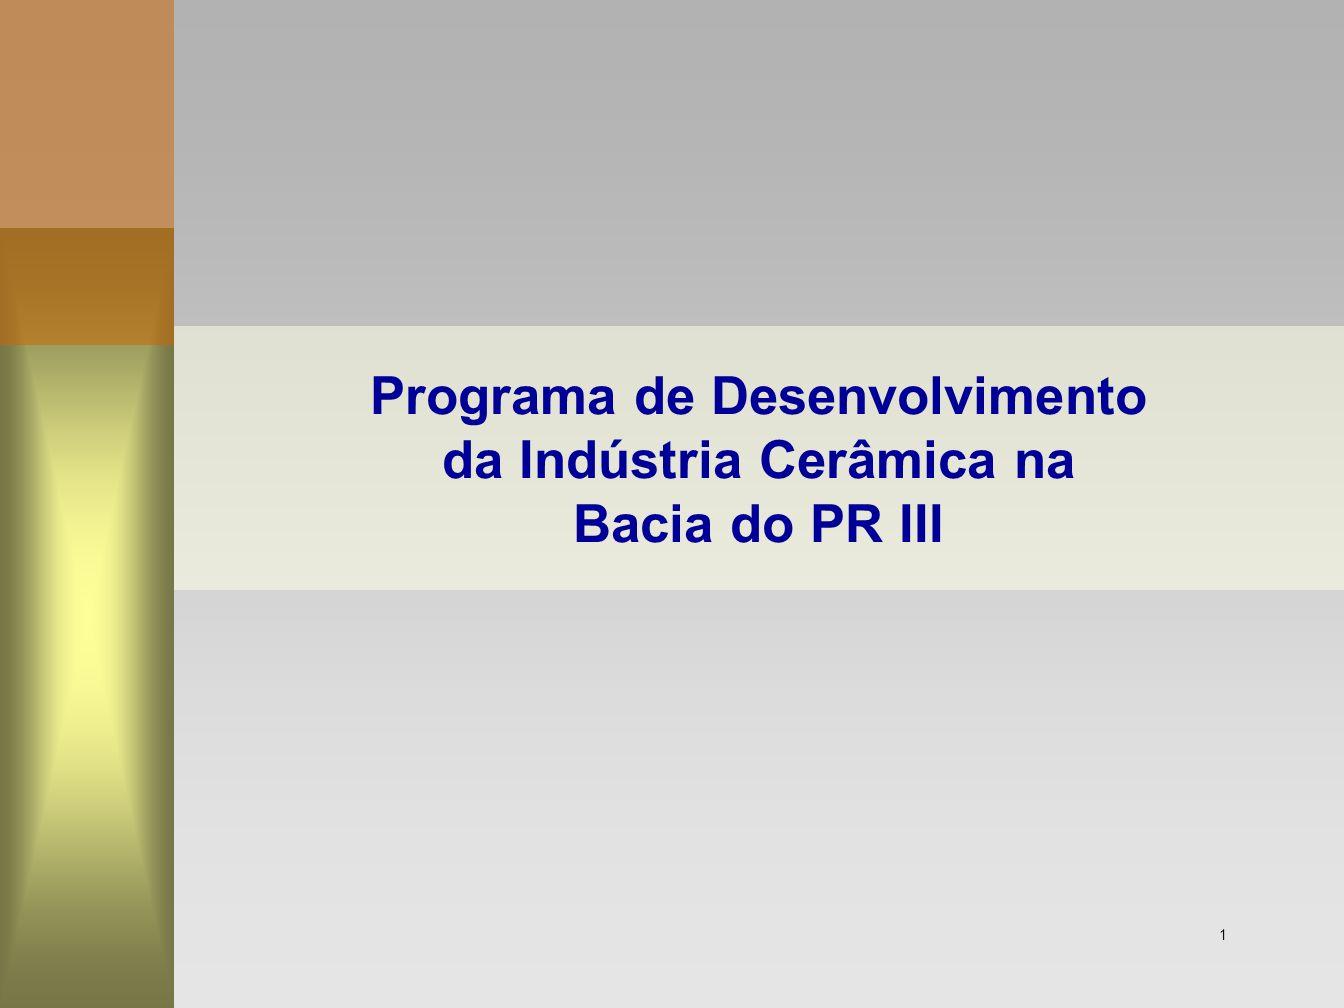 1 Programa de Desenvolvimento da Indústria Cerâmica na Bacia do PR III